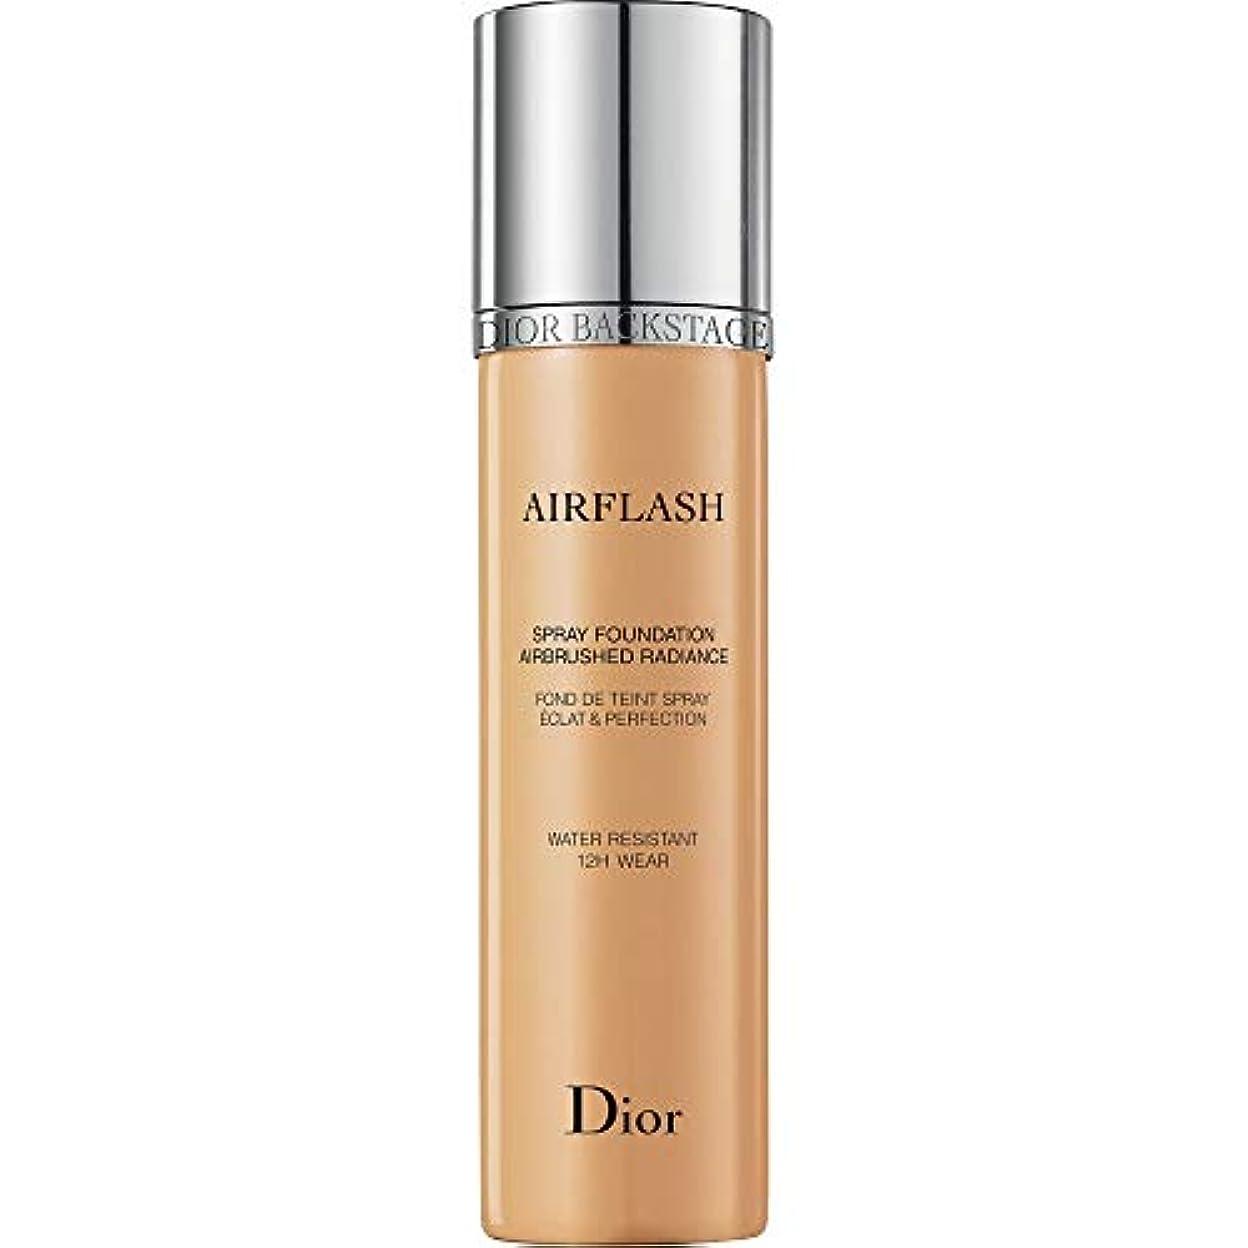 文明アーチモルヒネ[Dior ] アンバーベージュ - ディオールバックステージプロがスプレー基礎70ミリリットル321をAirflash - DIOR Backstage Pros Airflash Spray Foundation 70ml...